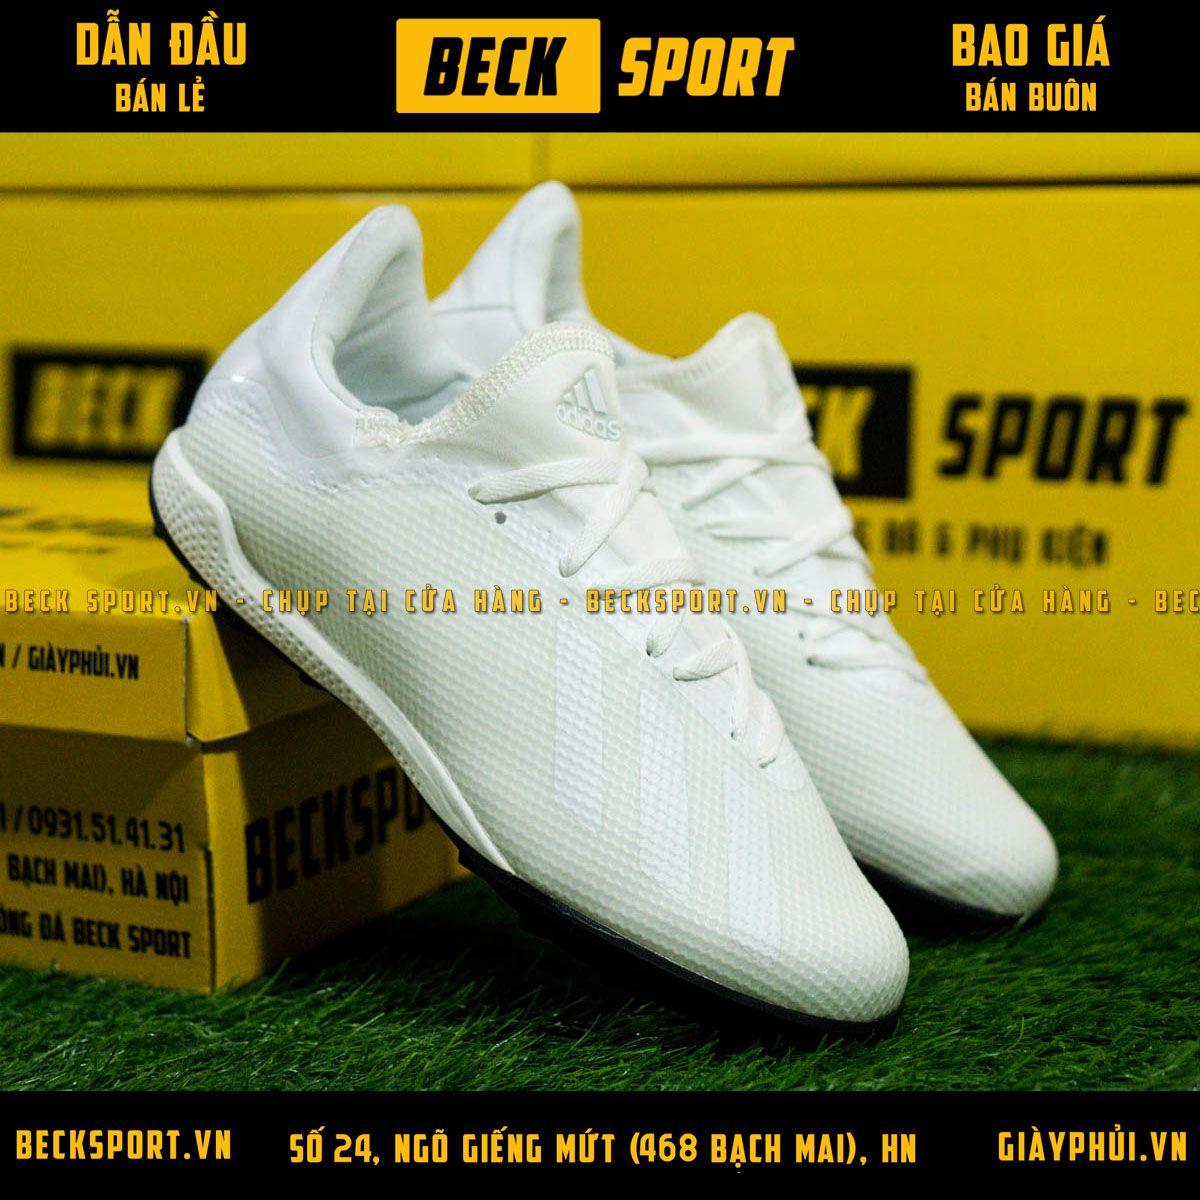 Giày Bóng Đá Adidas X 18.3 Trắng Tuyền Đế Đen HQ TF